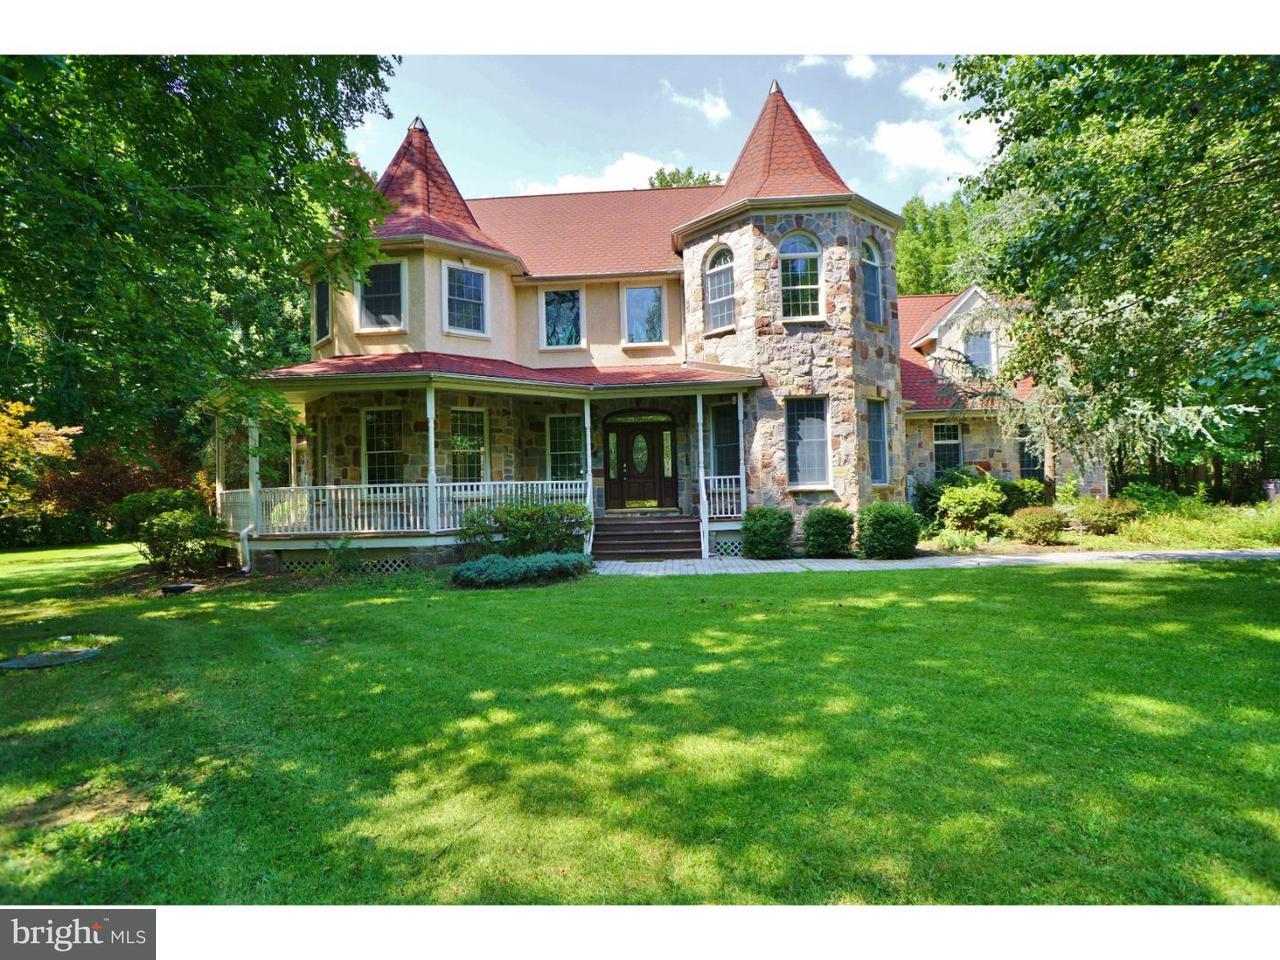 独户住宅 为 销售 在 4 INDIAN Trail Wenonah, 新泽西州 08090 美国